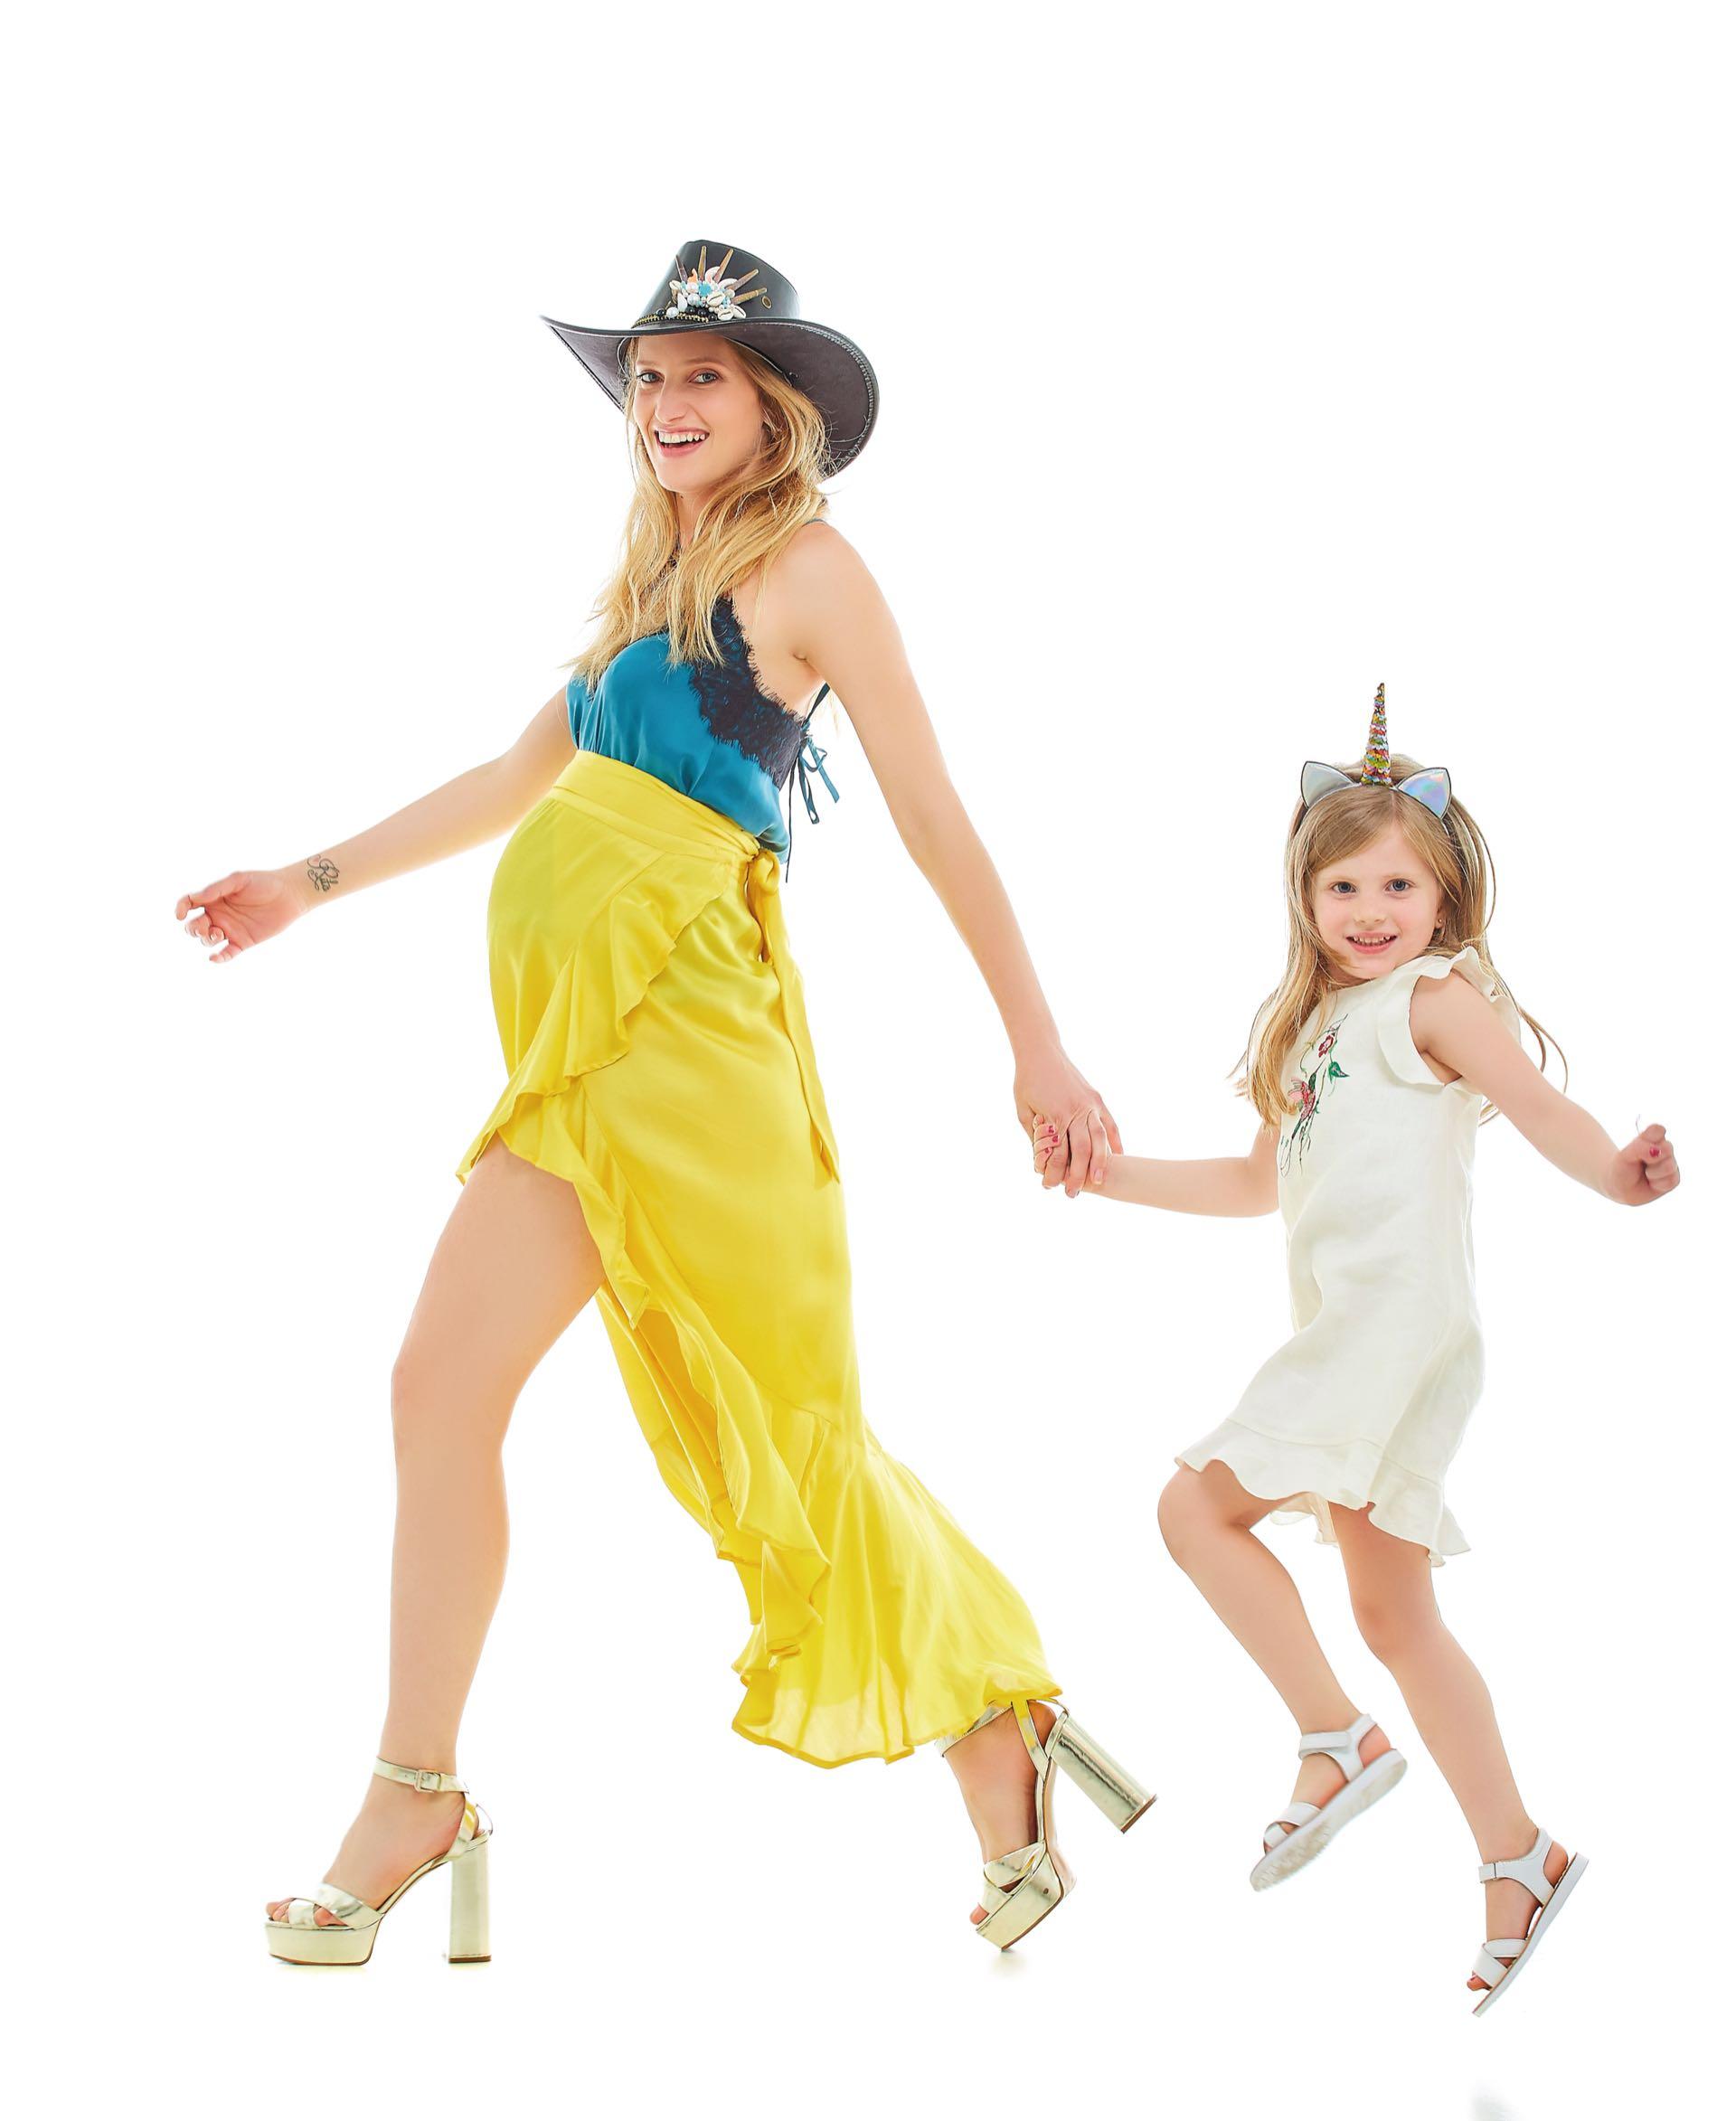 Romi: top de seda con encaje y falda cruzada (Cher), sandalias metalizadas (Vitamina) y sombrero de cuero con piedras aplicadas ($ 1.700, Pago Chico).Rita: vestido de lino ($ 1.656, Acquachiare) y sandalias de cuero ($ 999, Mimo & Co).